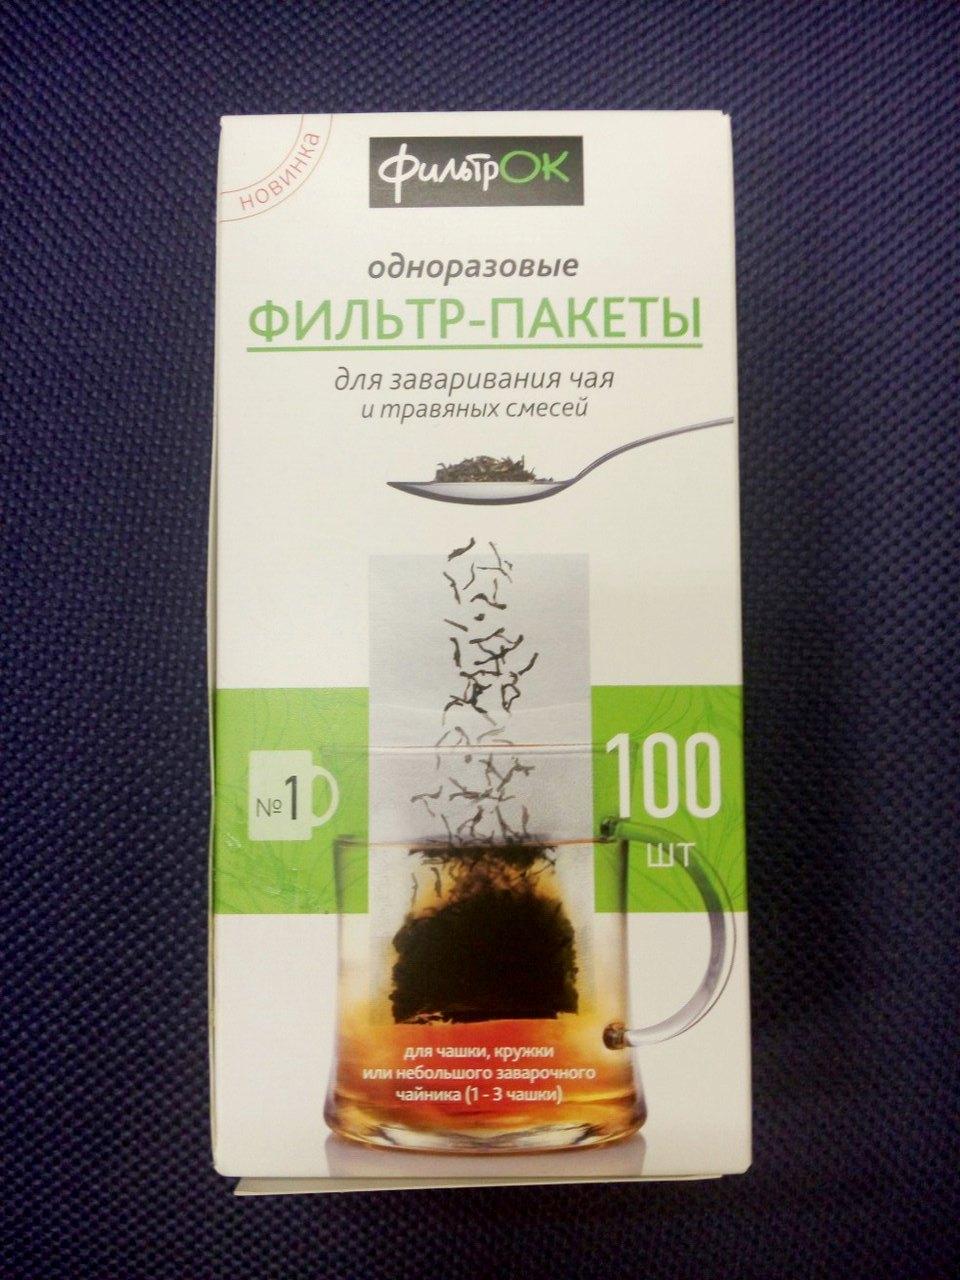 Фильтр-пакеты для заваривания чая и травяных смесей 100шт, 137*65 мм